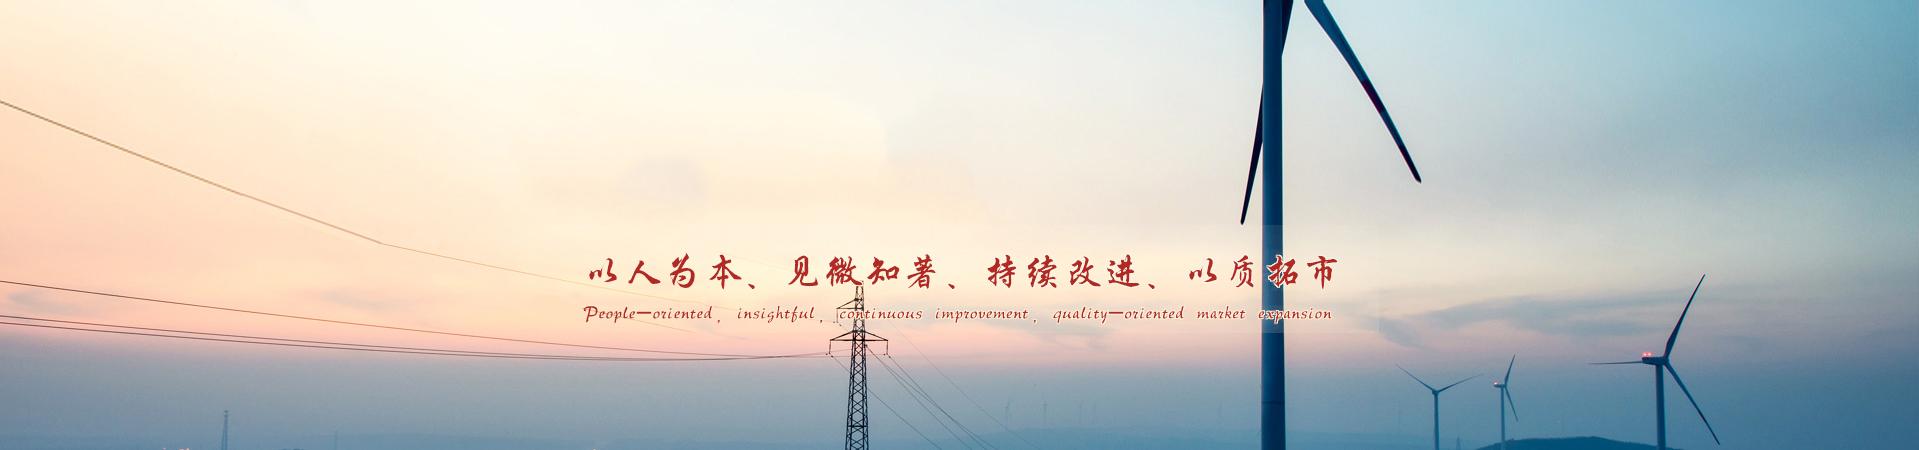 贵州工程监理